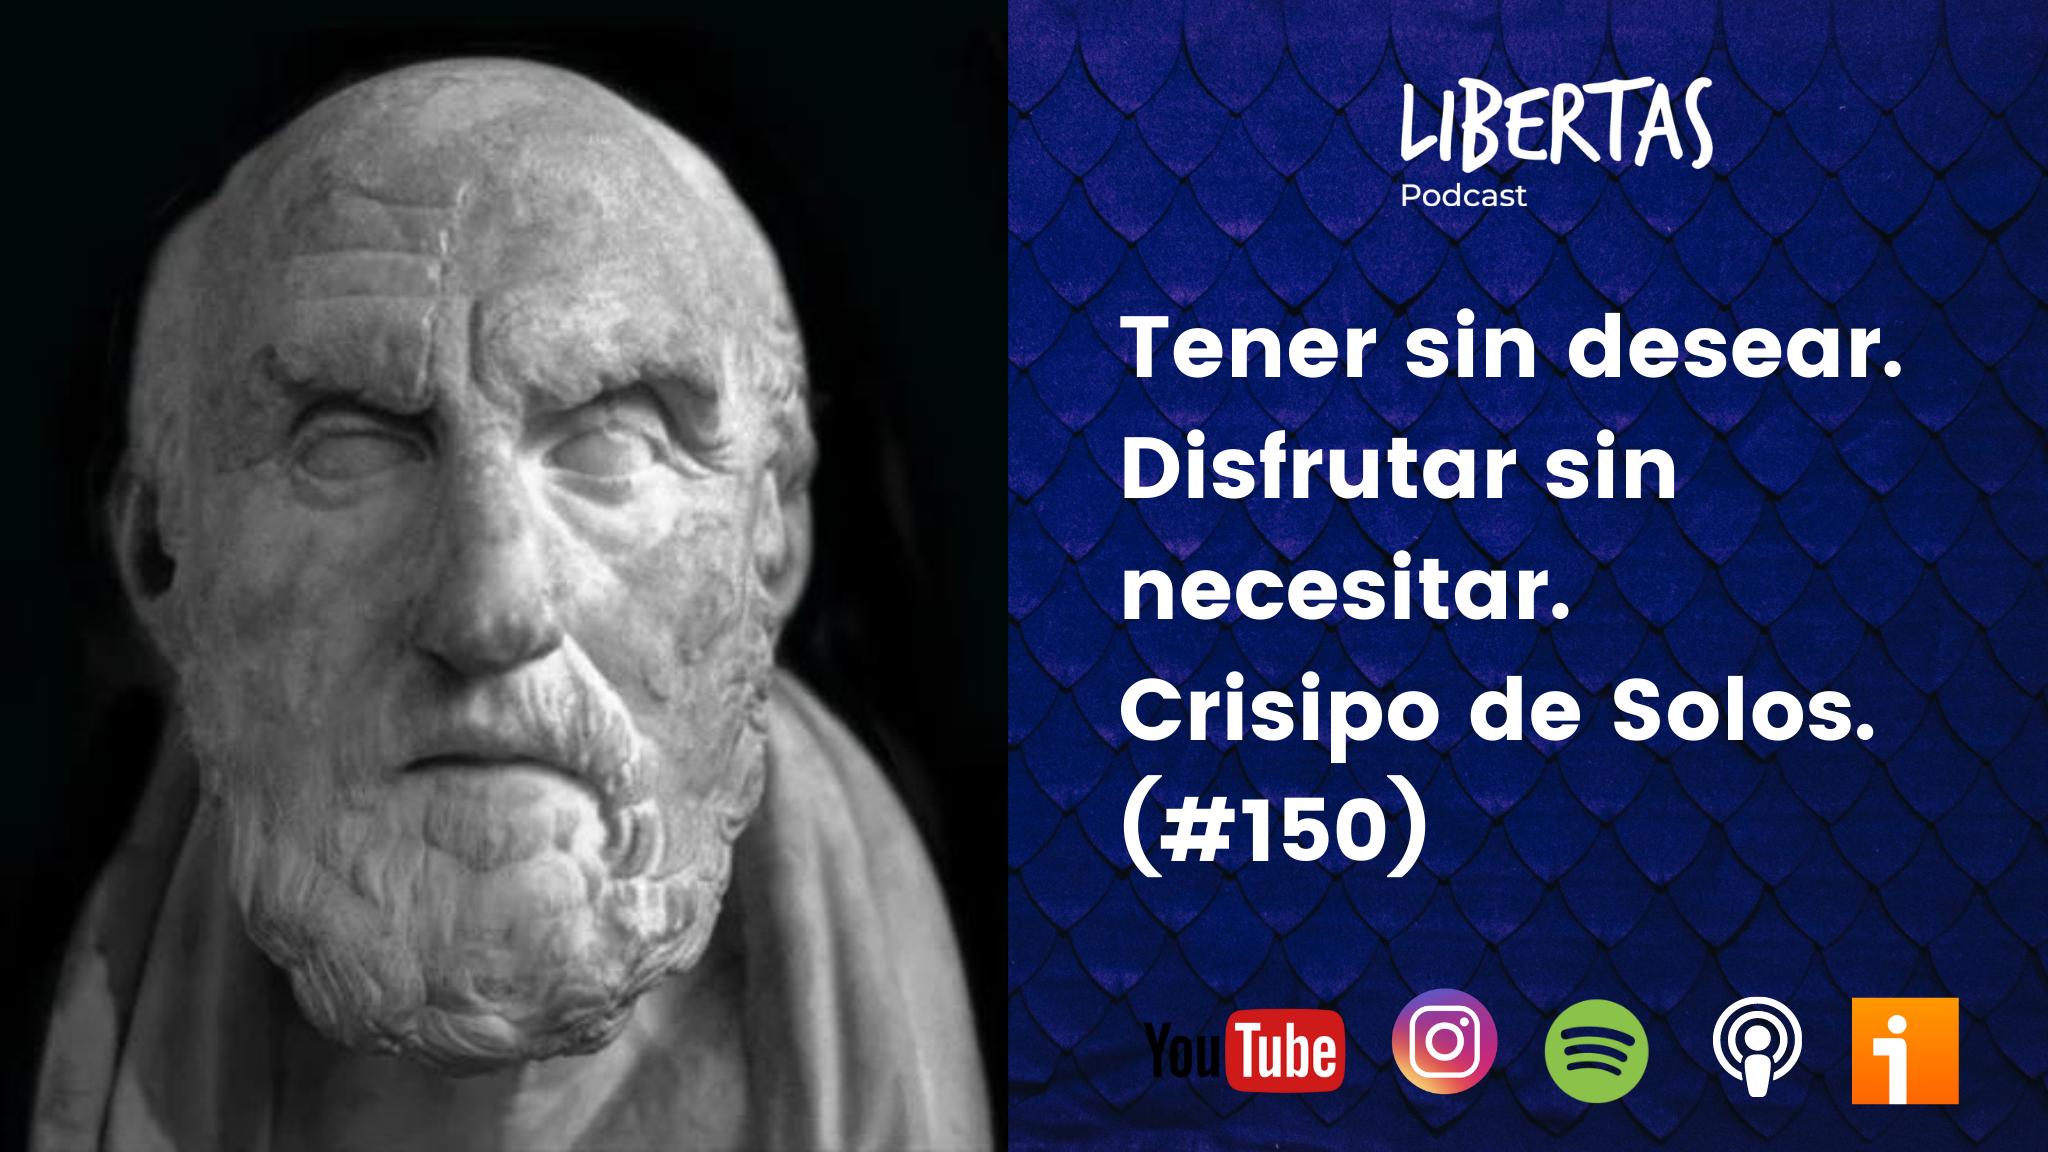 Tener sin desear. Disfrutar sin necesitar. Crisipo de Solos. (#150) - agustinblanco.com